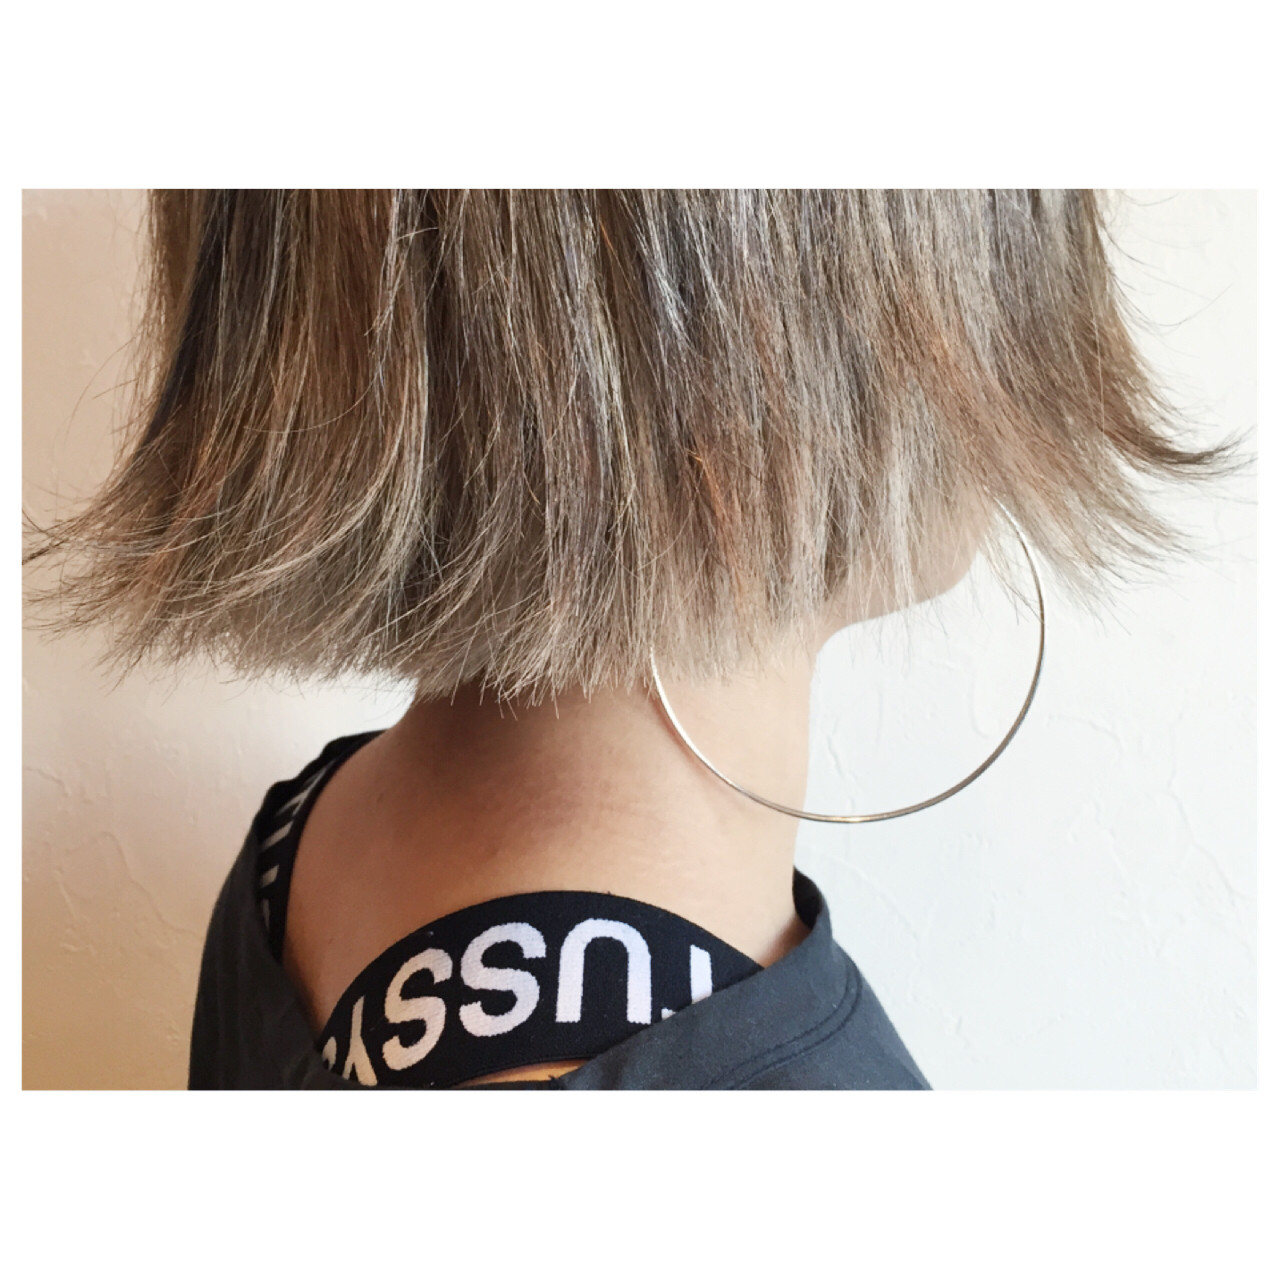 アッシュ グラデーションカラー ハイライト 外ハネ ヘアスタイルや髪型の写真・画像